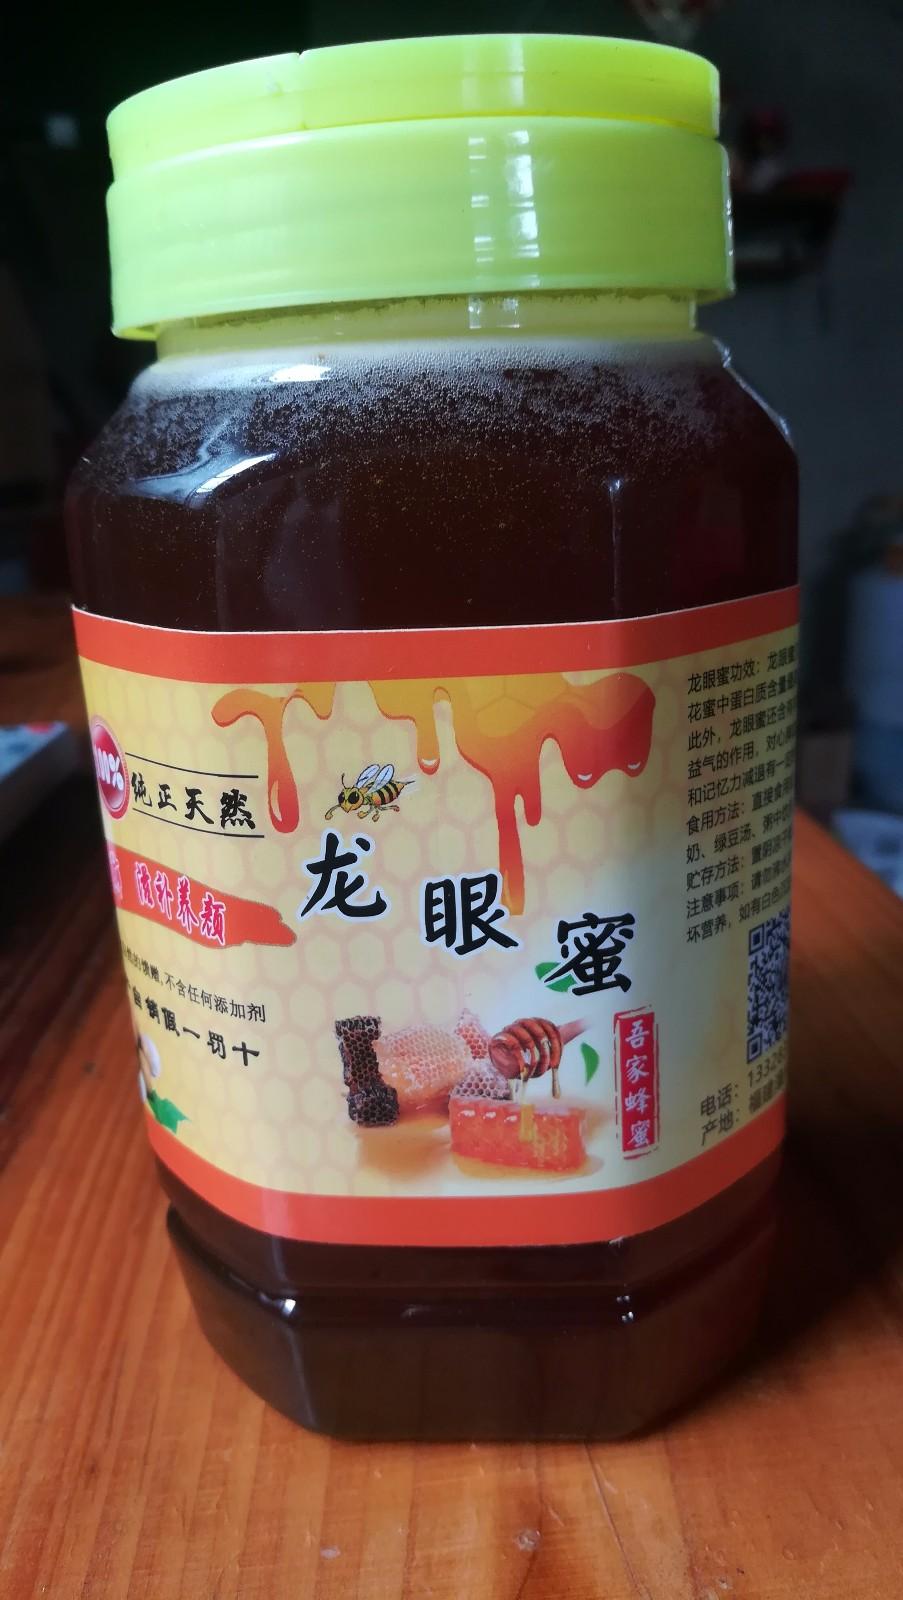 龙眼蜜1㎏/瓶